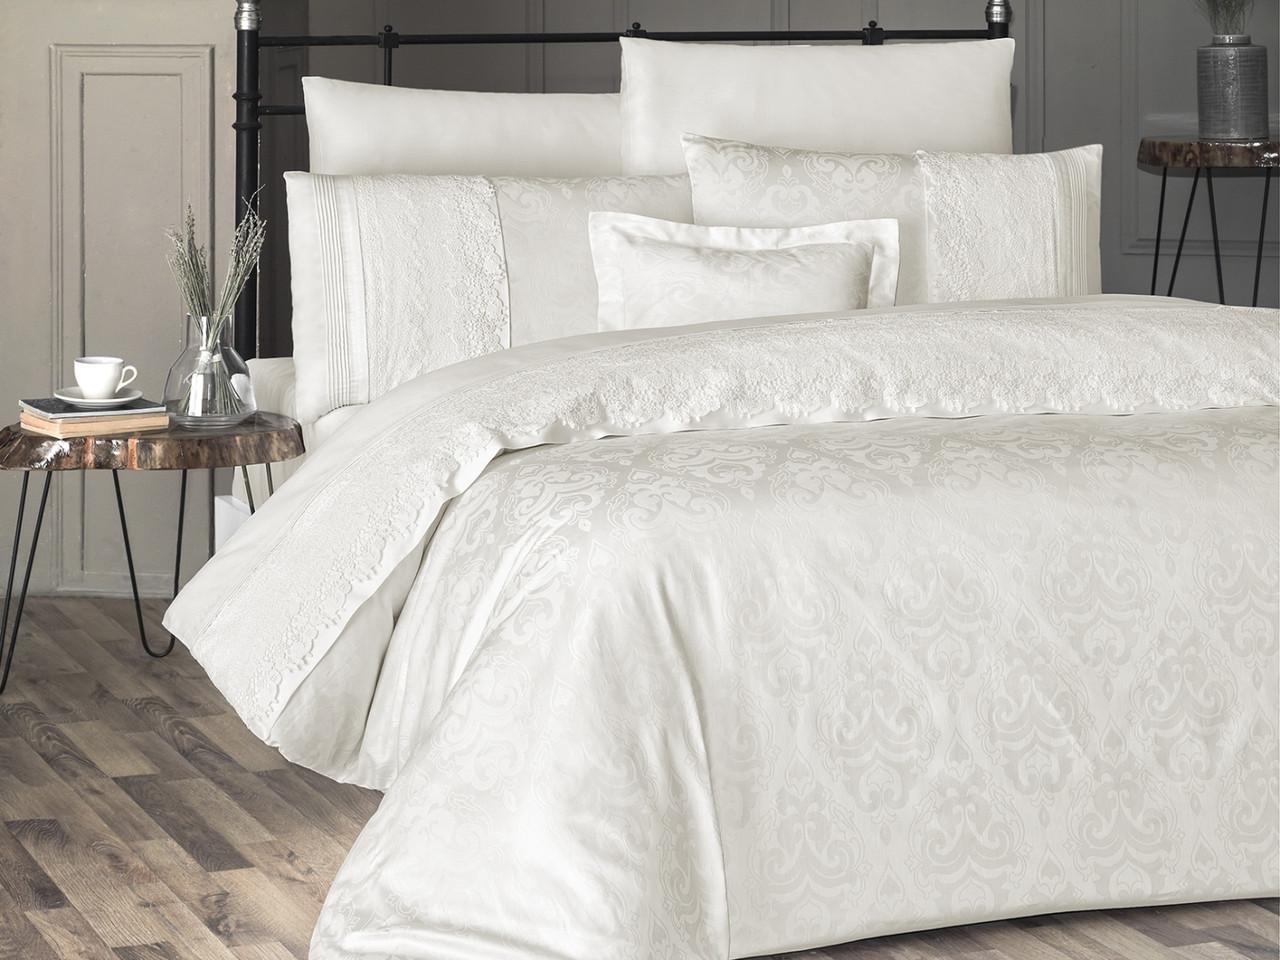 Шикарный Комплект постельного белья евро Moonlight V.I.P July Турция бренд First Choice